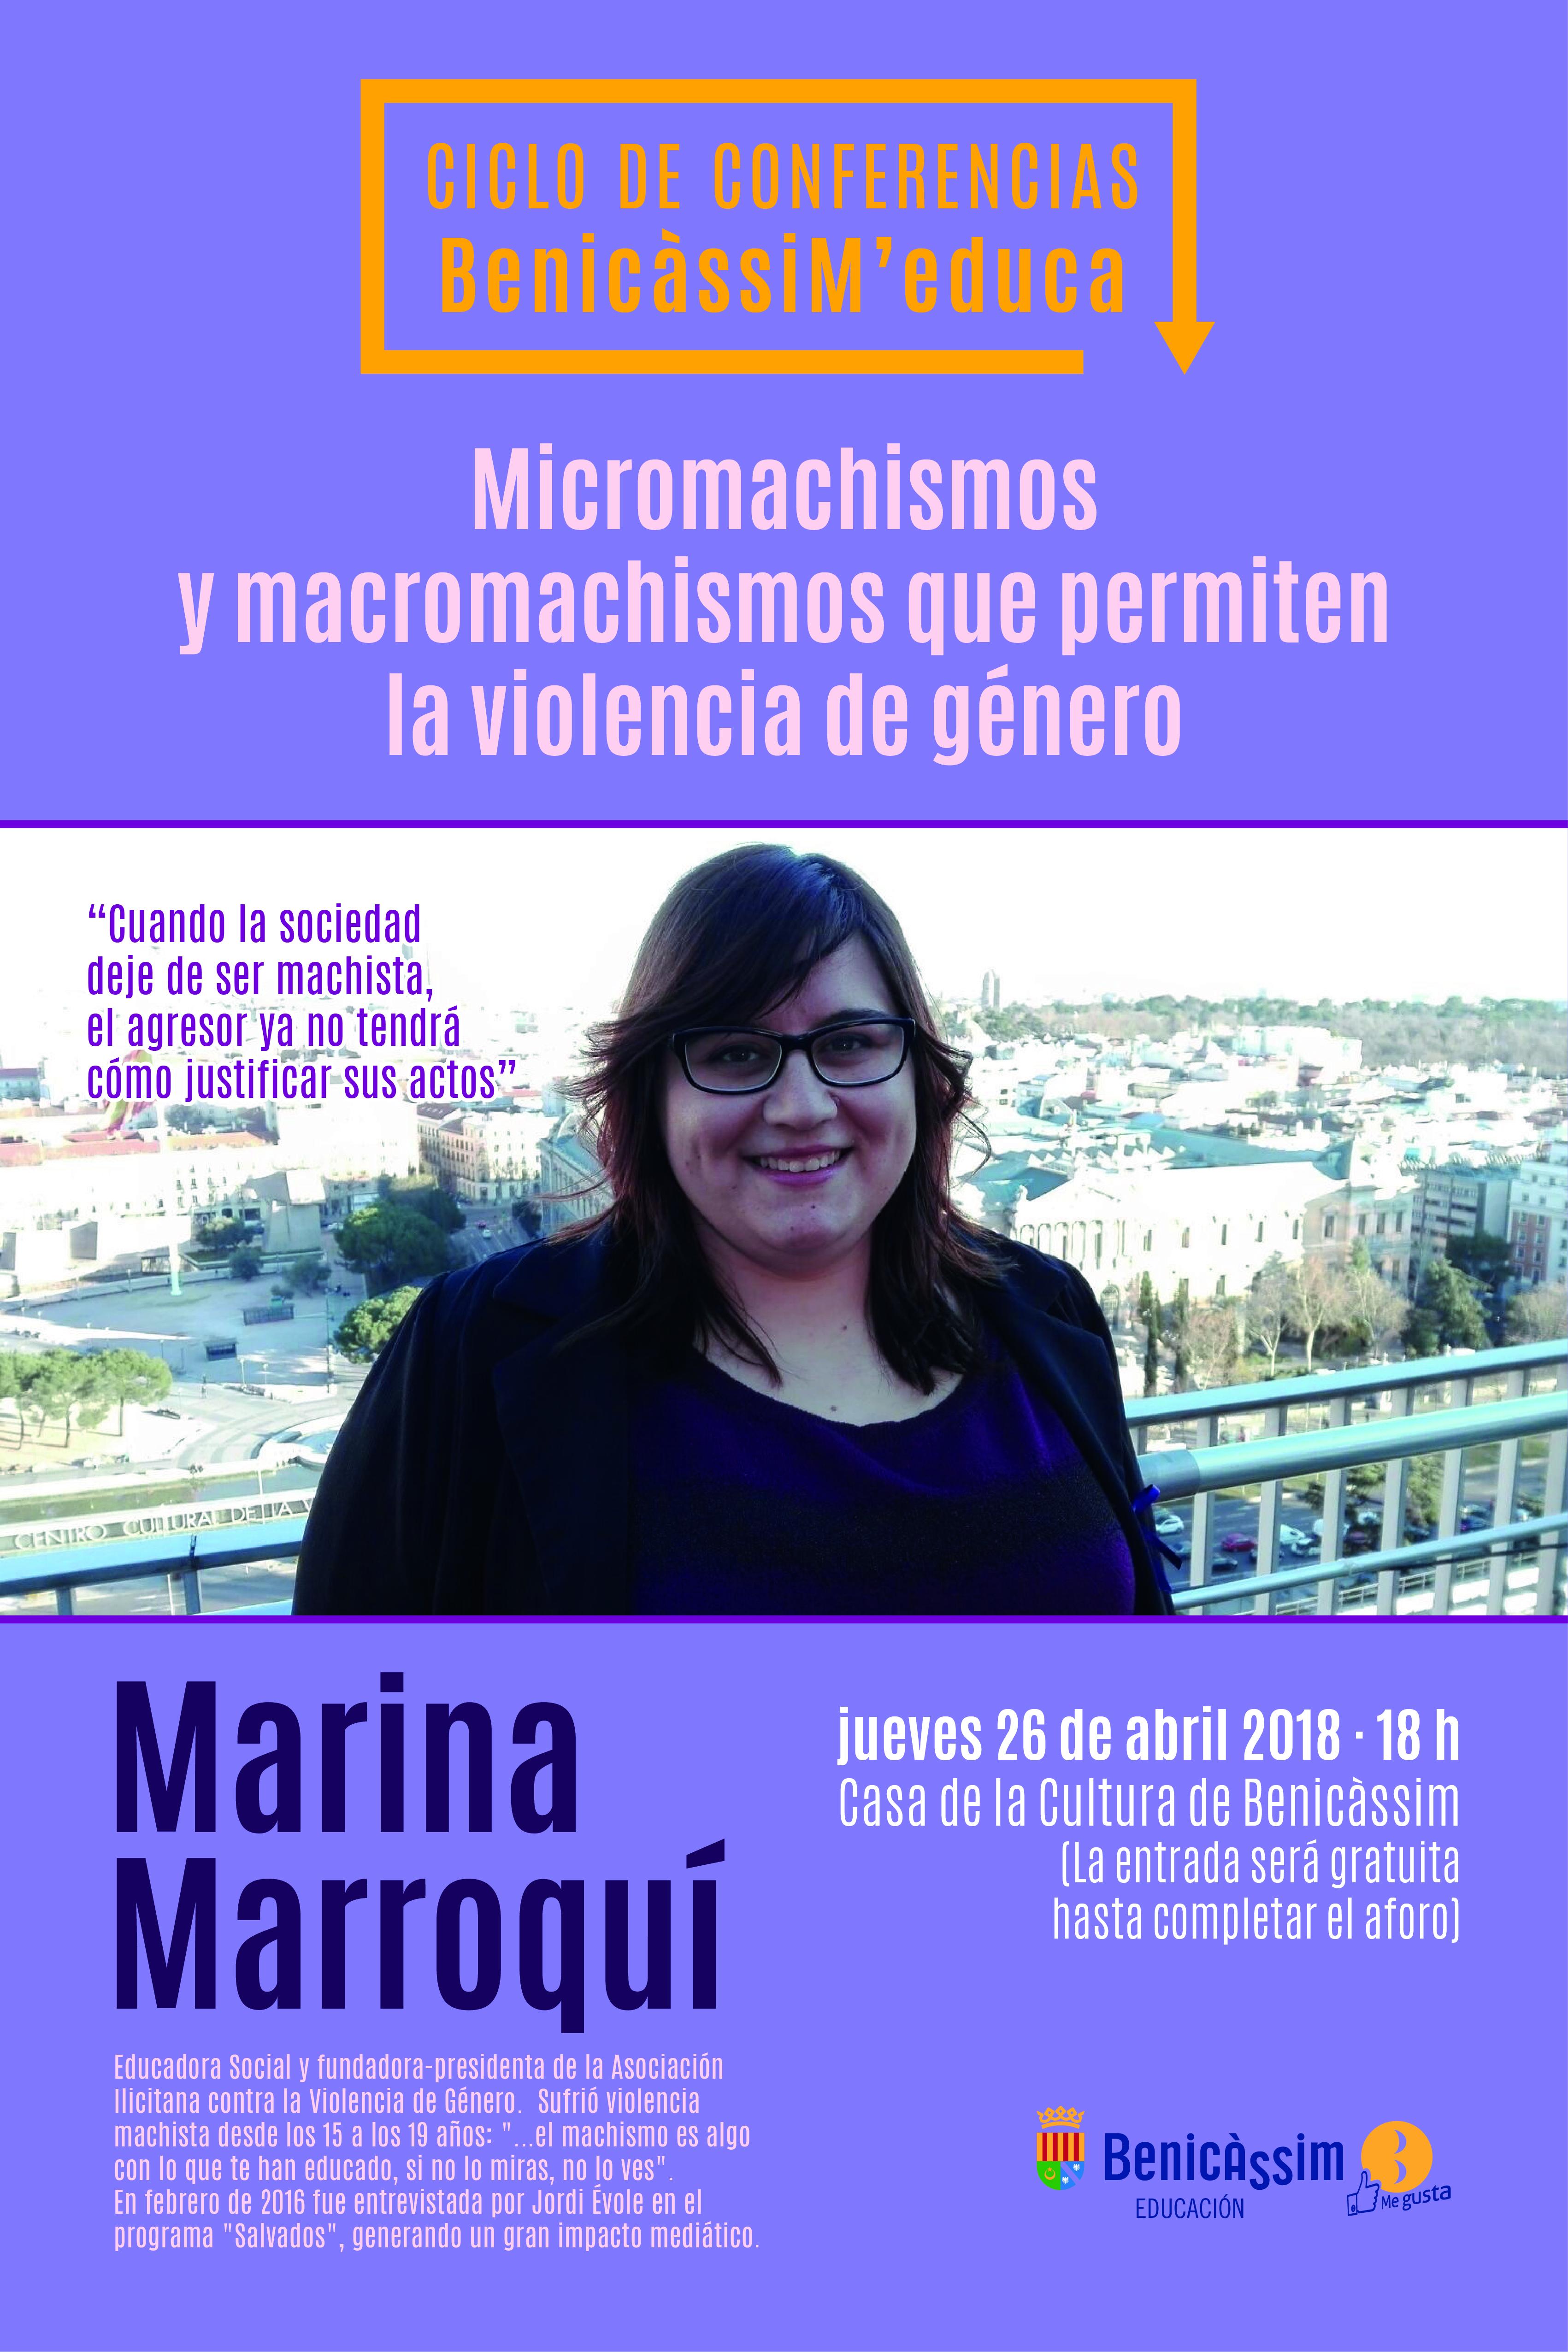 """Charla """"Micromachismos y macromachismos que permiten la violencia de género"""""""